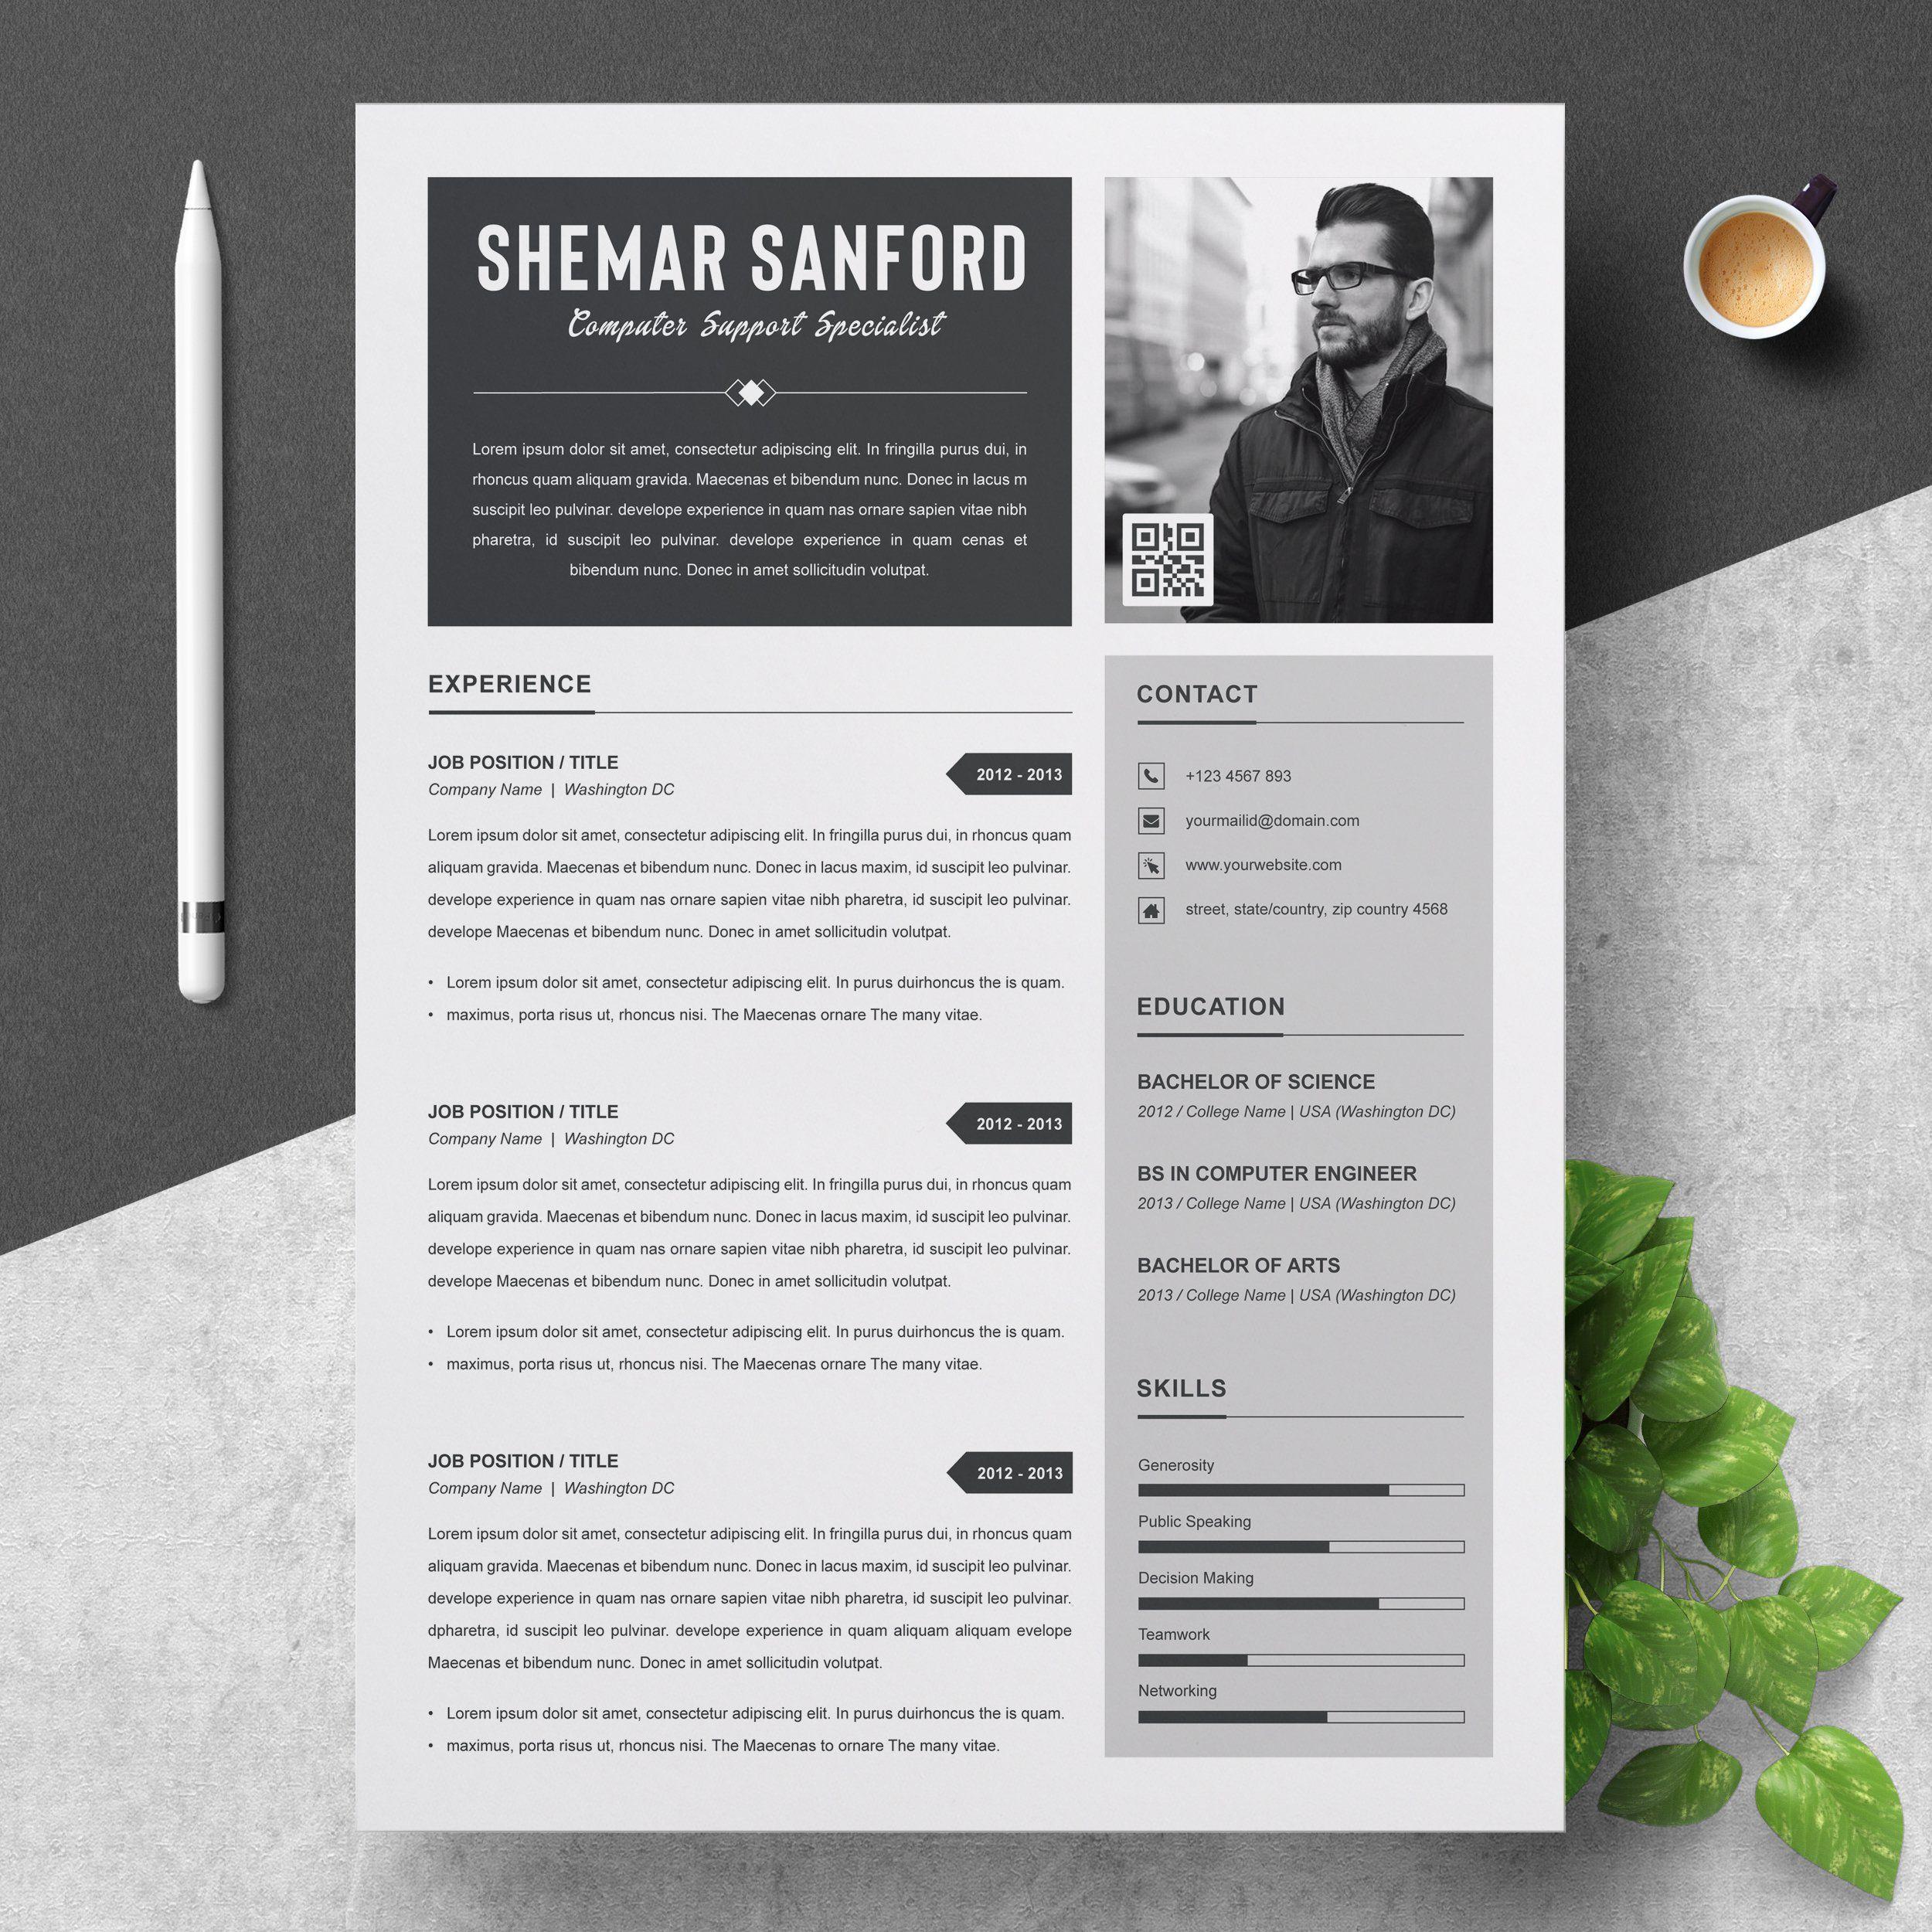 Resume Template Curriculum Vitae Curriculum Vitae Creative Resume Templates Resume Examples